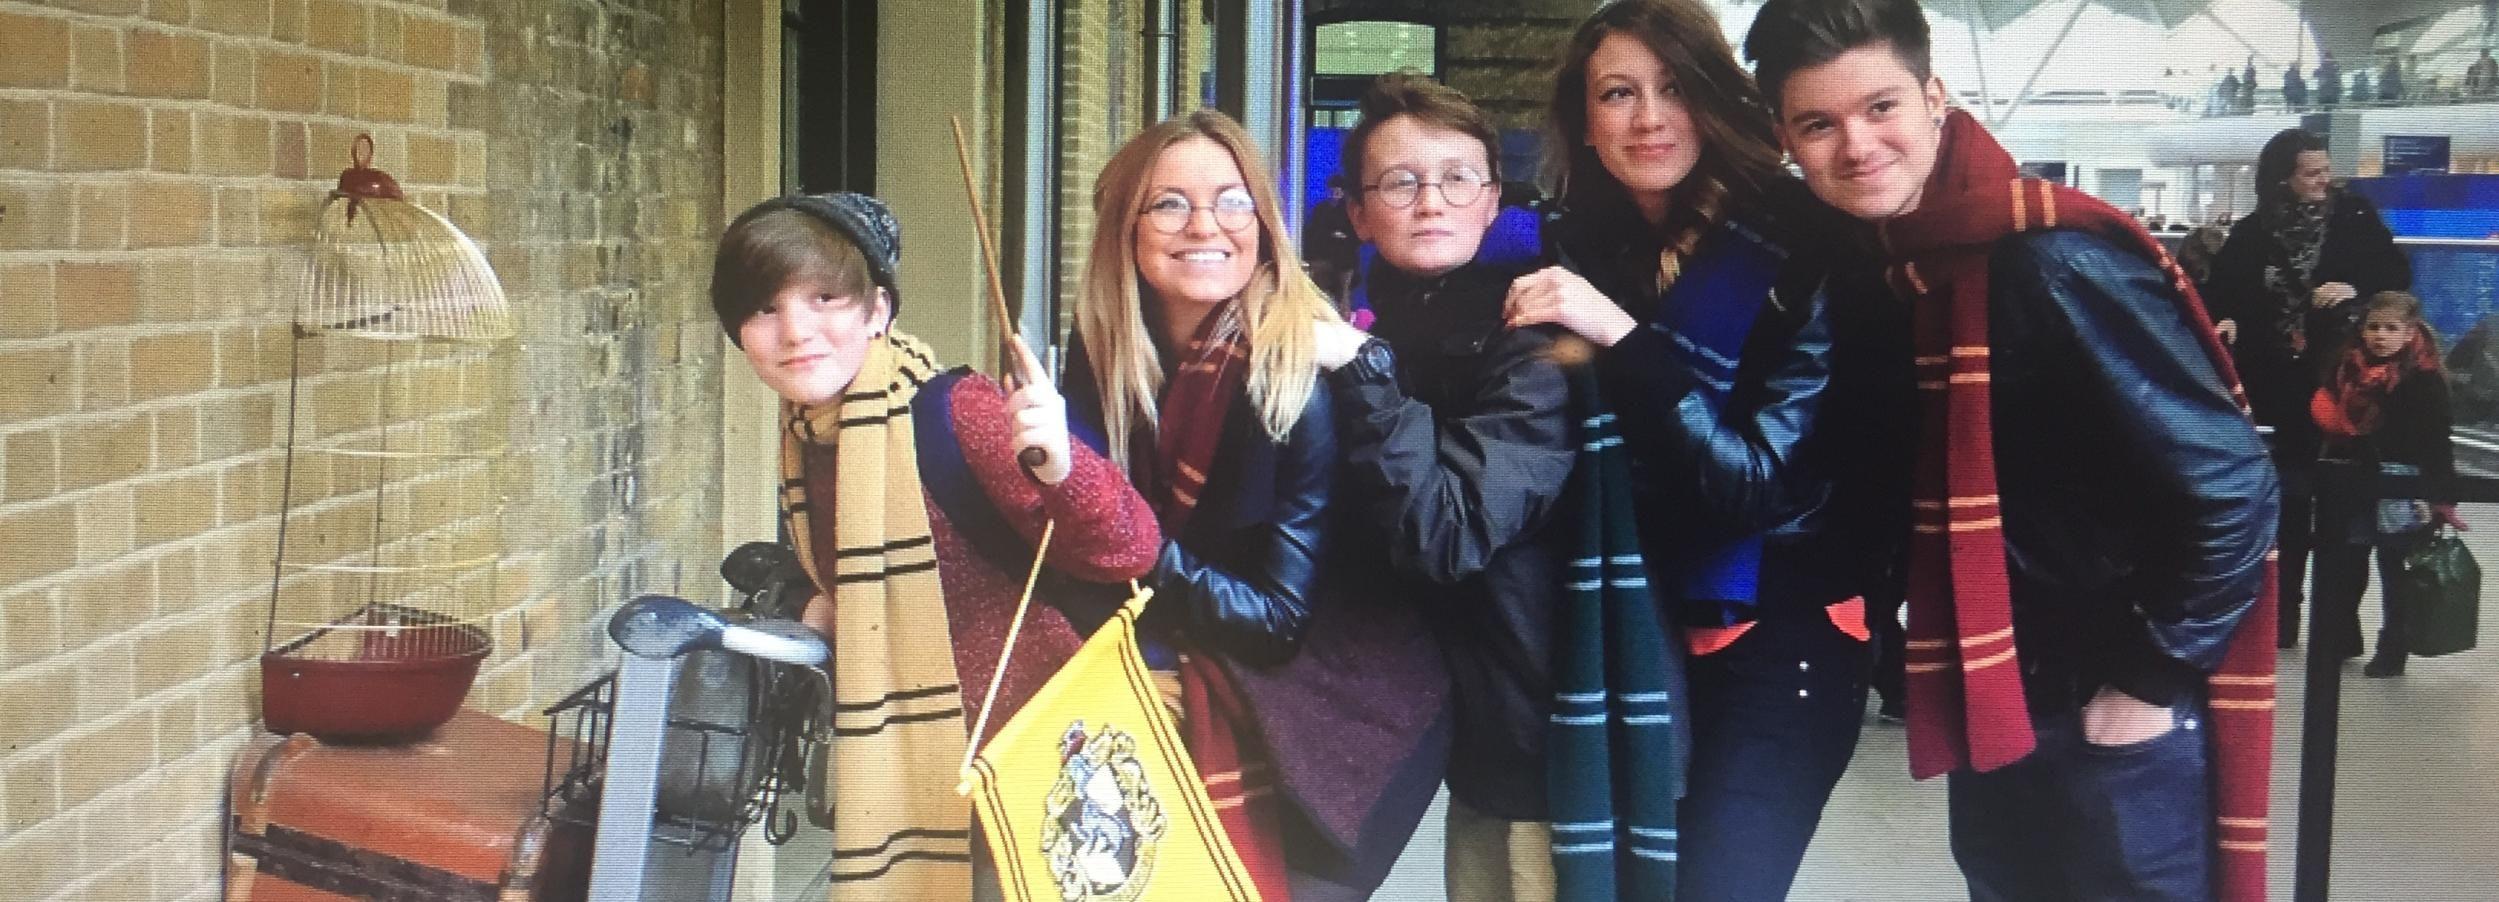 London: Harry Potter & Phantastische Tierwesen mit Gleis 9 ¾